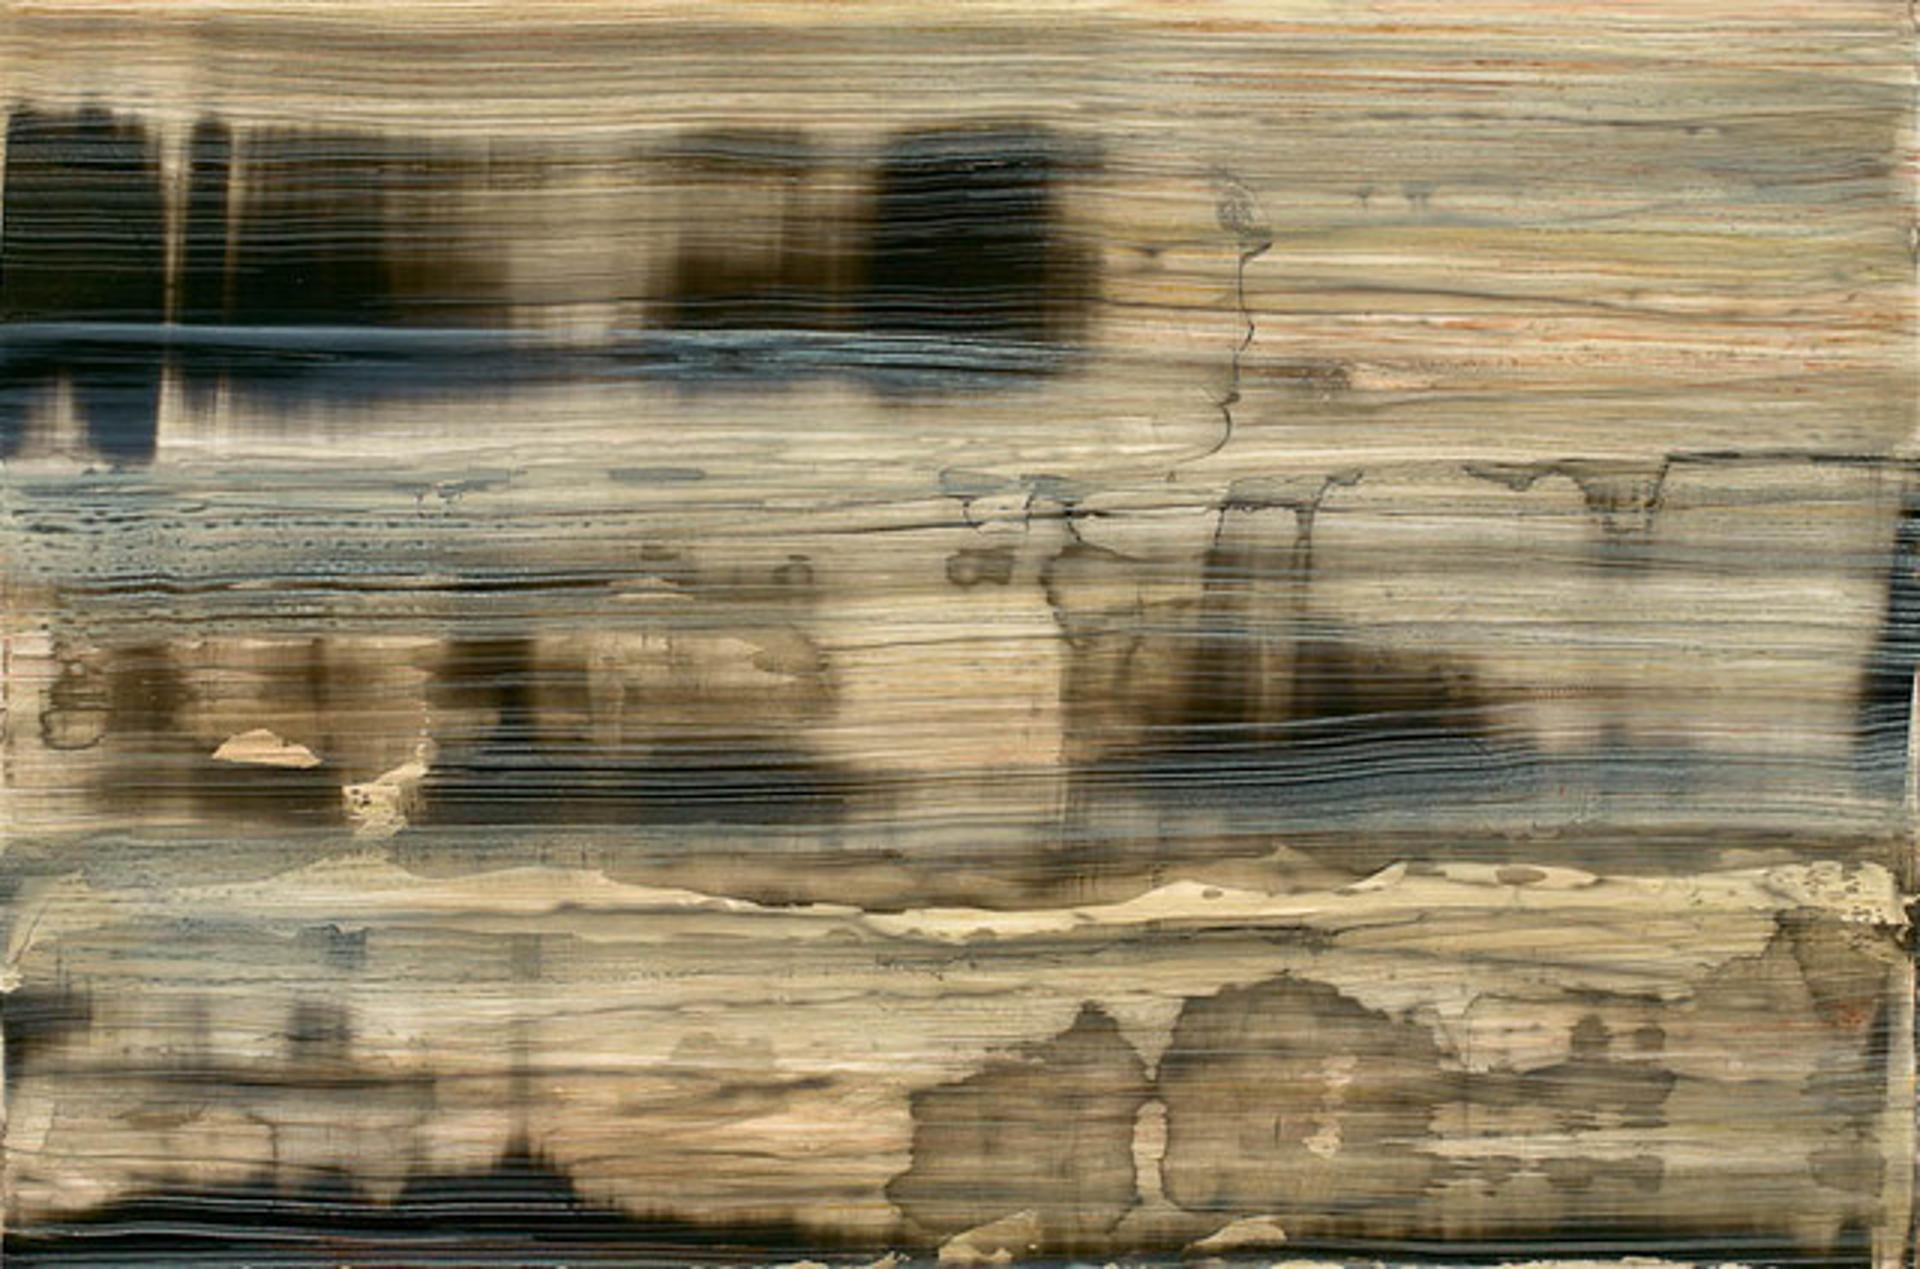 Spillway no. 1212 by Jessie Morgan